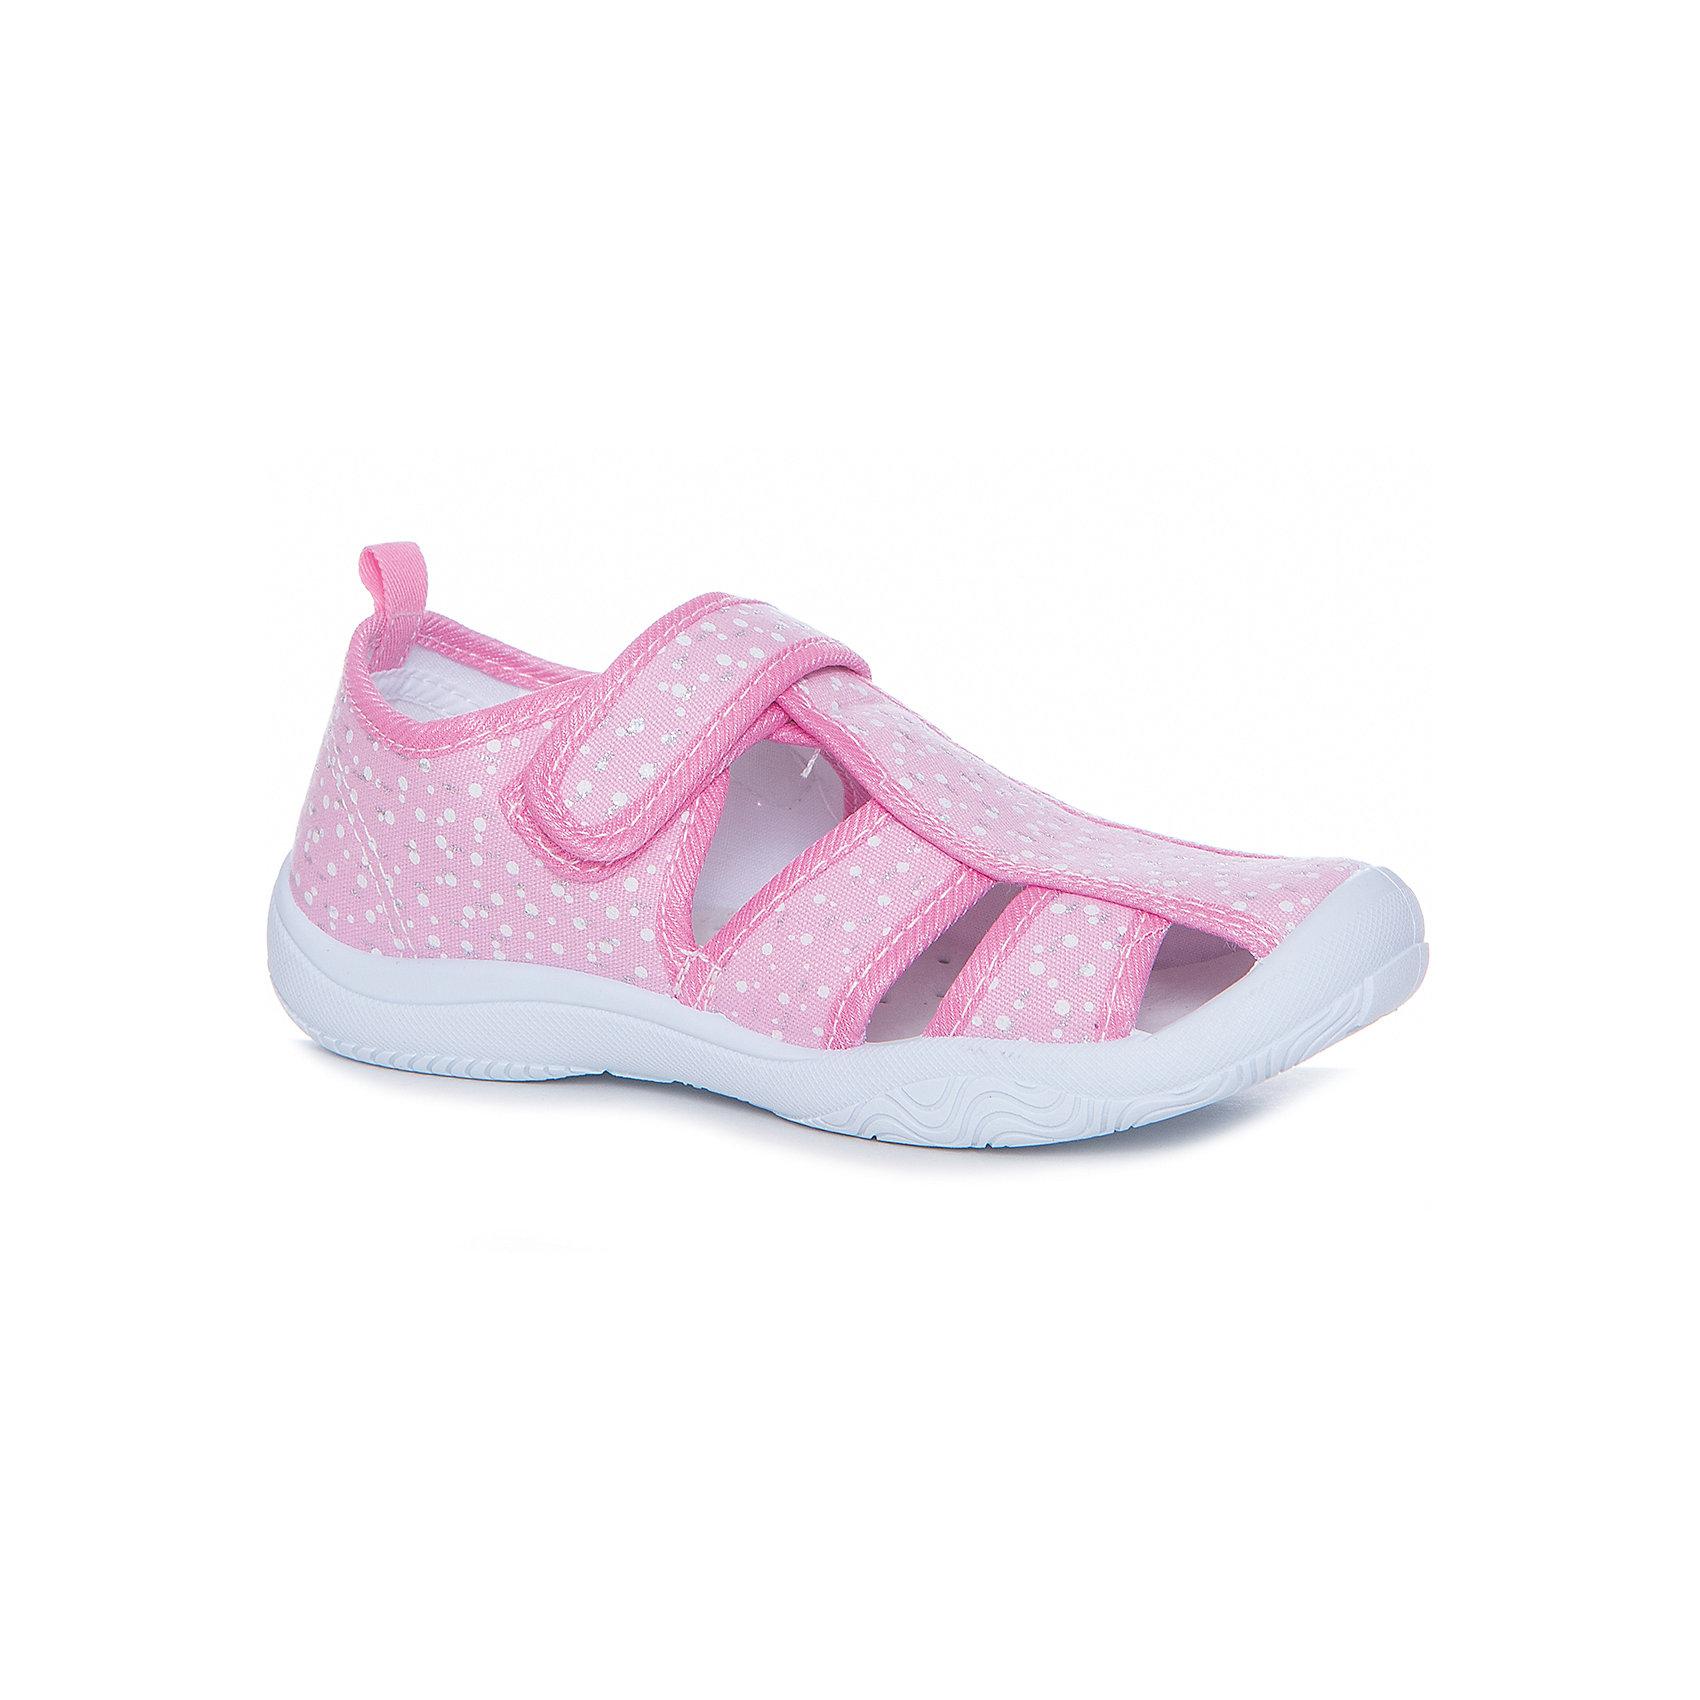 Сандалии для девочки MURSUОбувь<br>Текстильная обувь для девочки MURSU<br>Состав: <br>Материал верха: хлопок; Материал подкладки: хлопок; Материал подошвы: ПВХ; Материал стельки: натуральная кожа.<br><br>Ширина мм: 227<br>Глубина мм: 145<br>Высота мм: 124<br>Вес г: 325<br>Цвет: розовый<br>Возраст от месяцев: 84<br>Возраст до месяцев: 96<br>Пол: Женский<br>Возраст: Детский<br>Размер: 31,32,27,28,29,30<br>SKU: 5325758